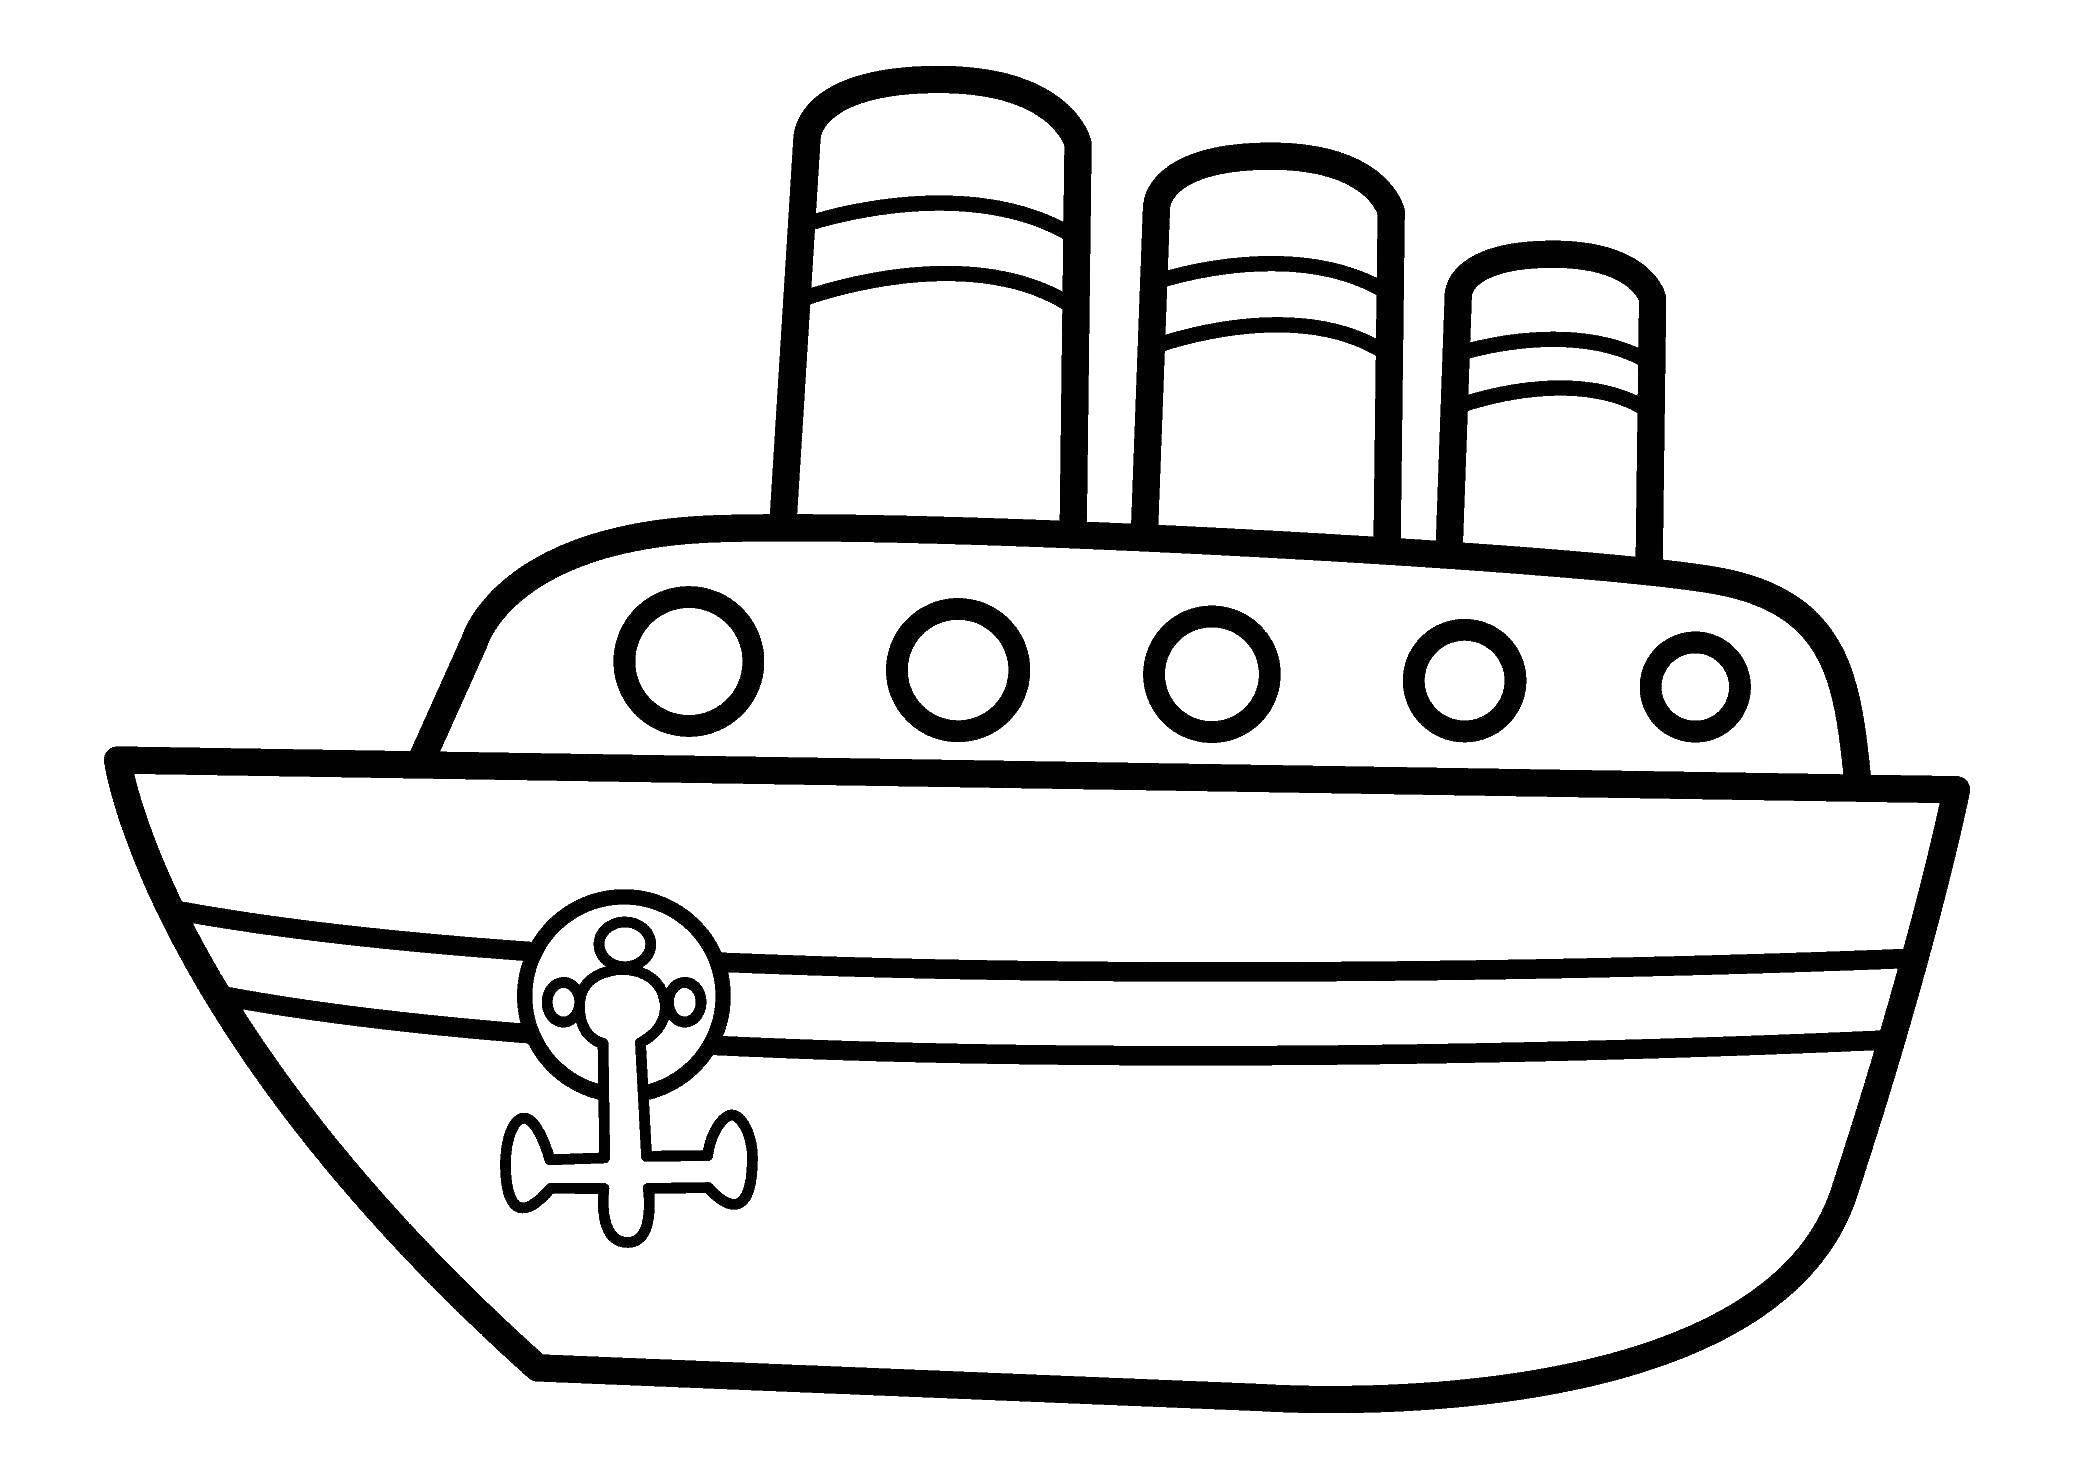 Раскраска Кораблик на воде Скачать Транспорт.  Распечатать ,Транспорт на английском,